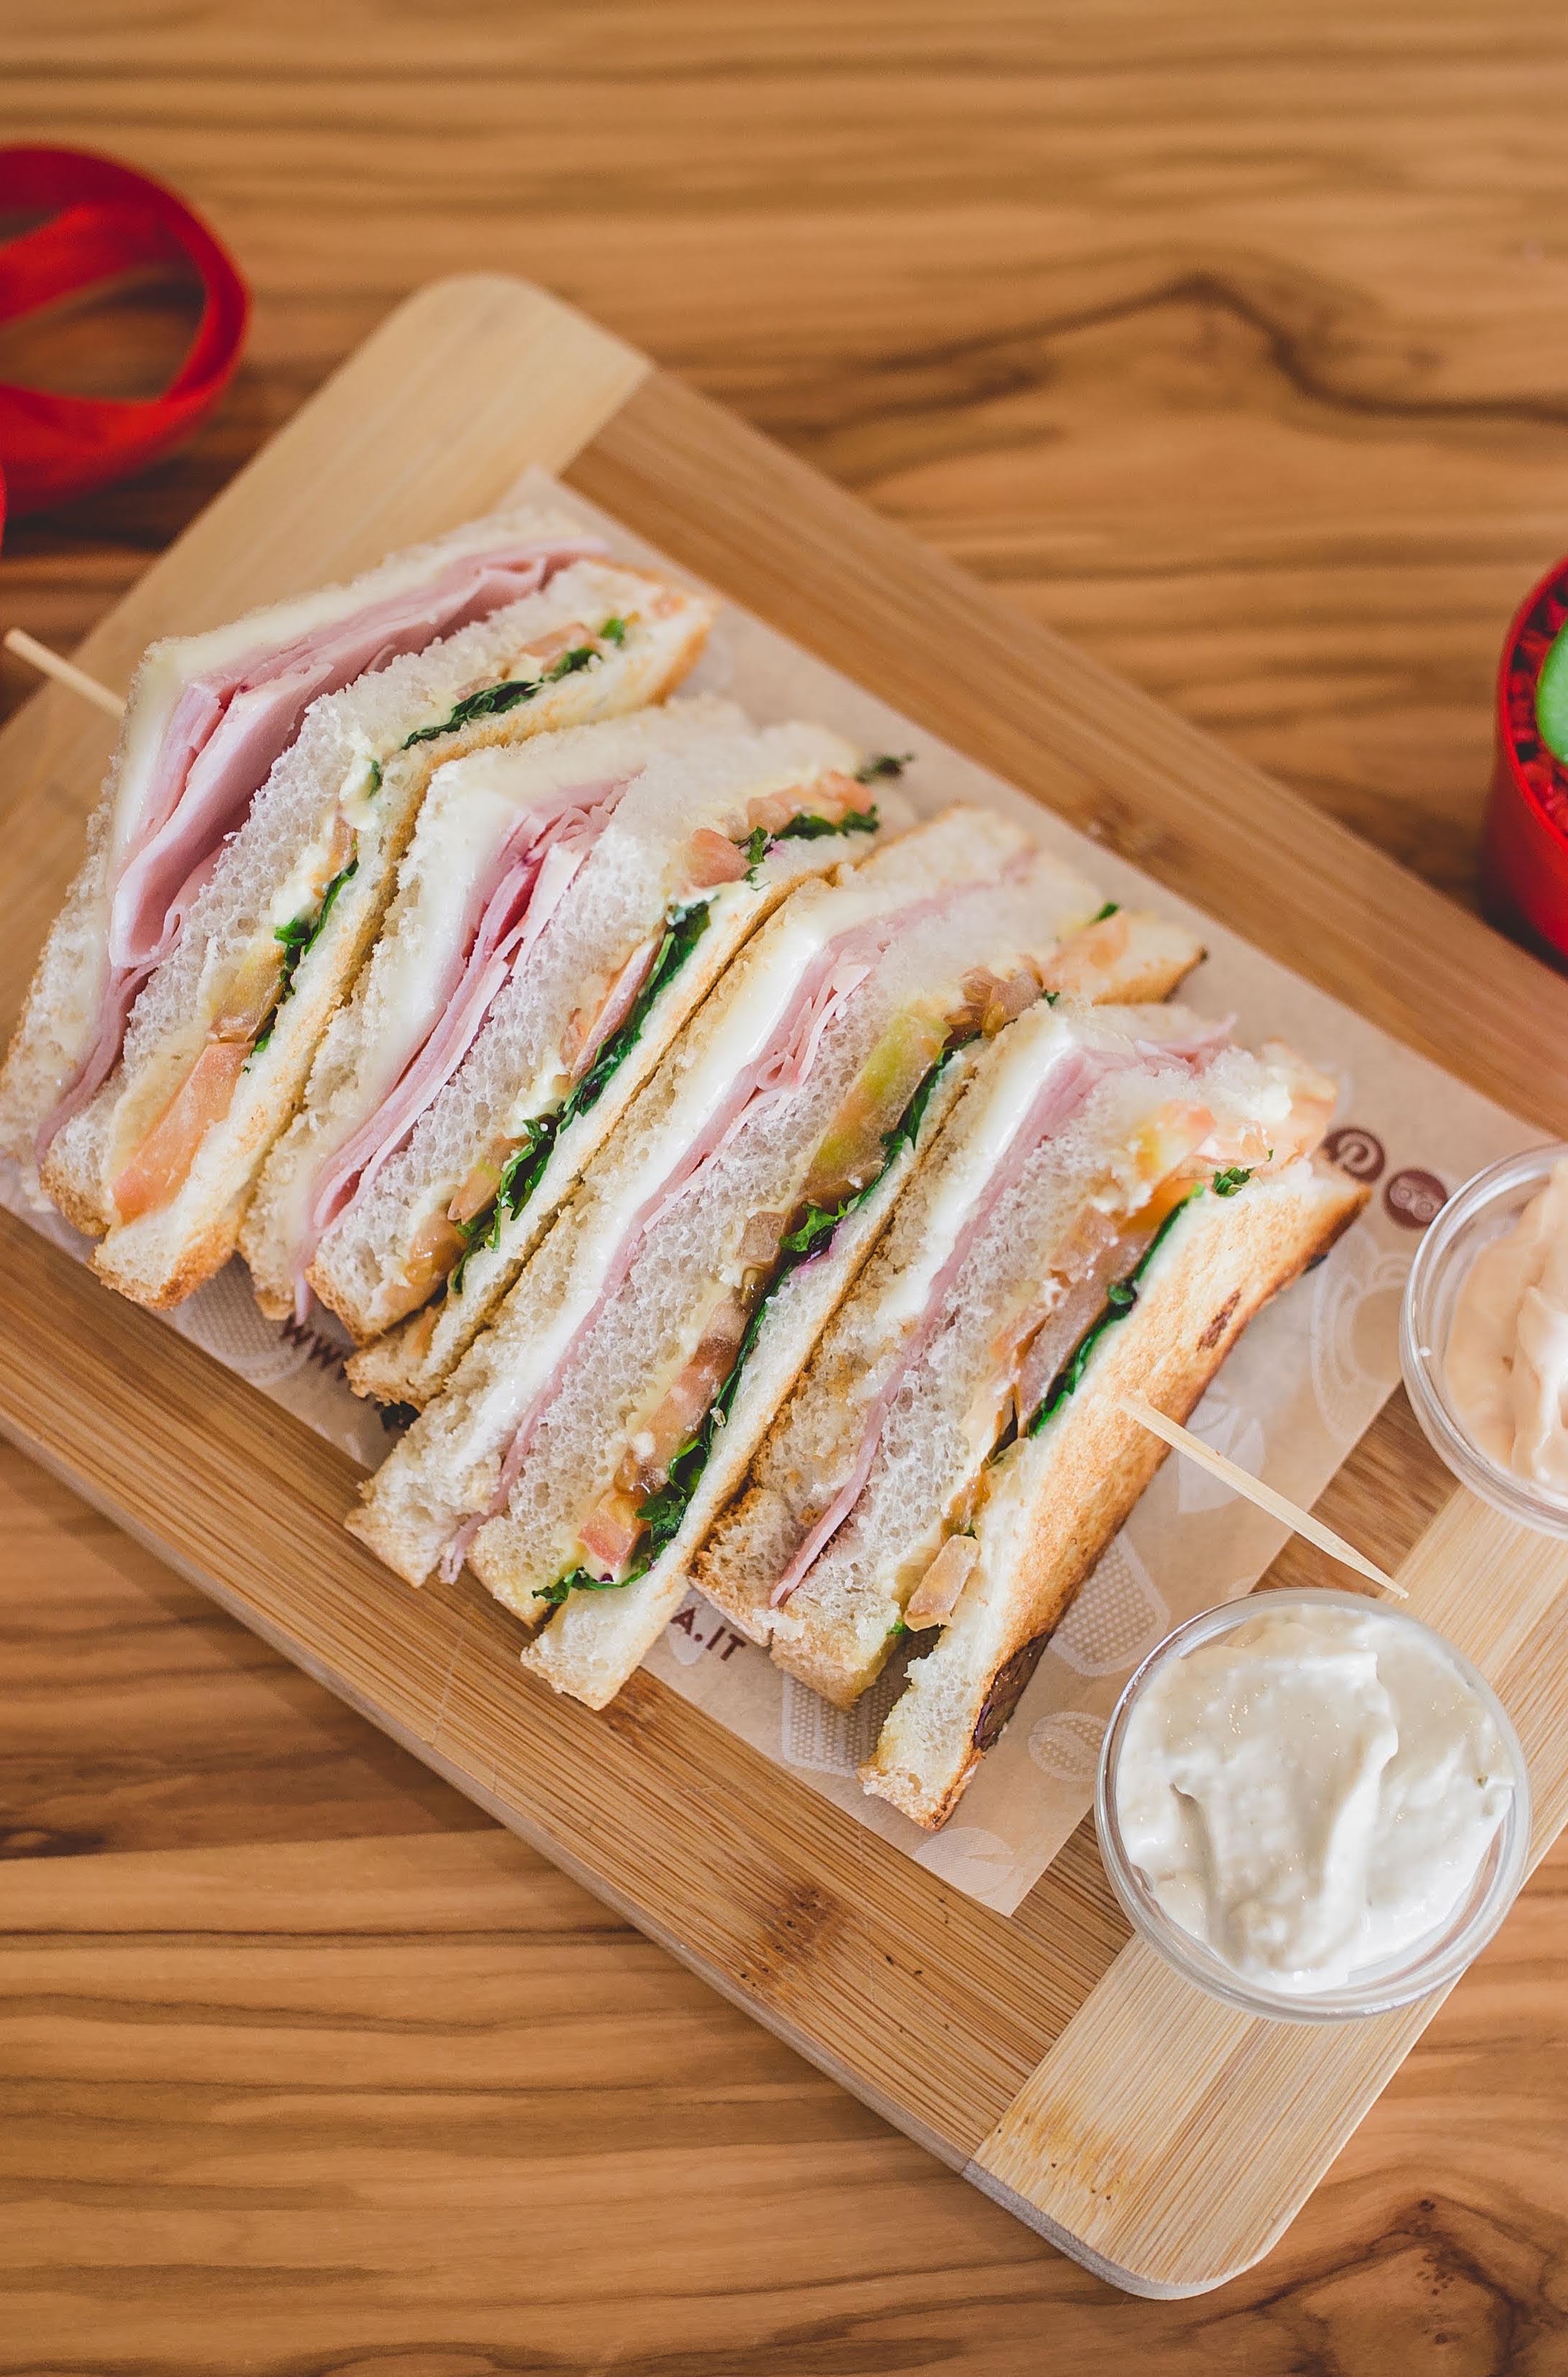 NON SOLO DOLCE A SAN VALENTINO… CLUB SANDWICH DA GUSTARE IN MERAVIGLIOSA SOLITUDINE!